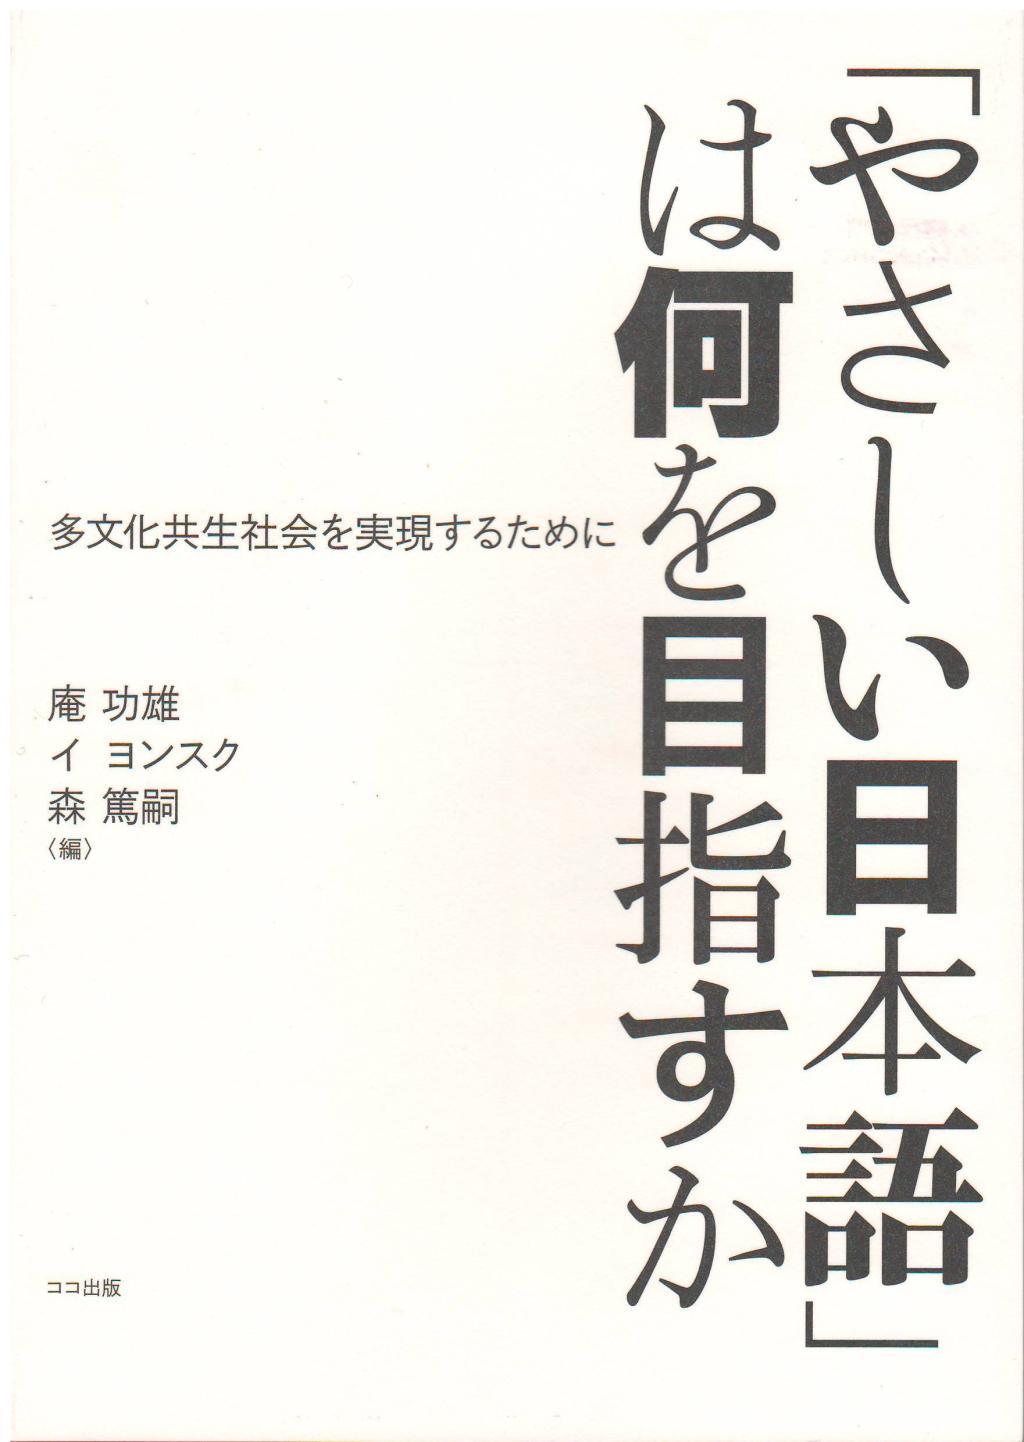 「やさしい日本語」は何を目指すか−多文化共生社会を実現するためにの画像